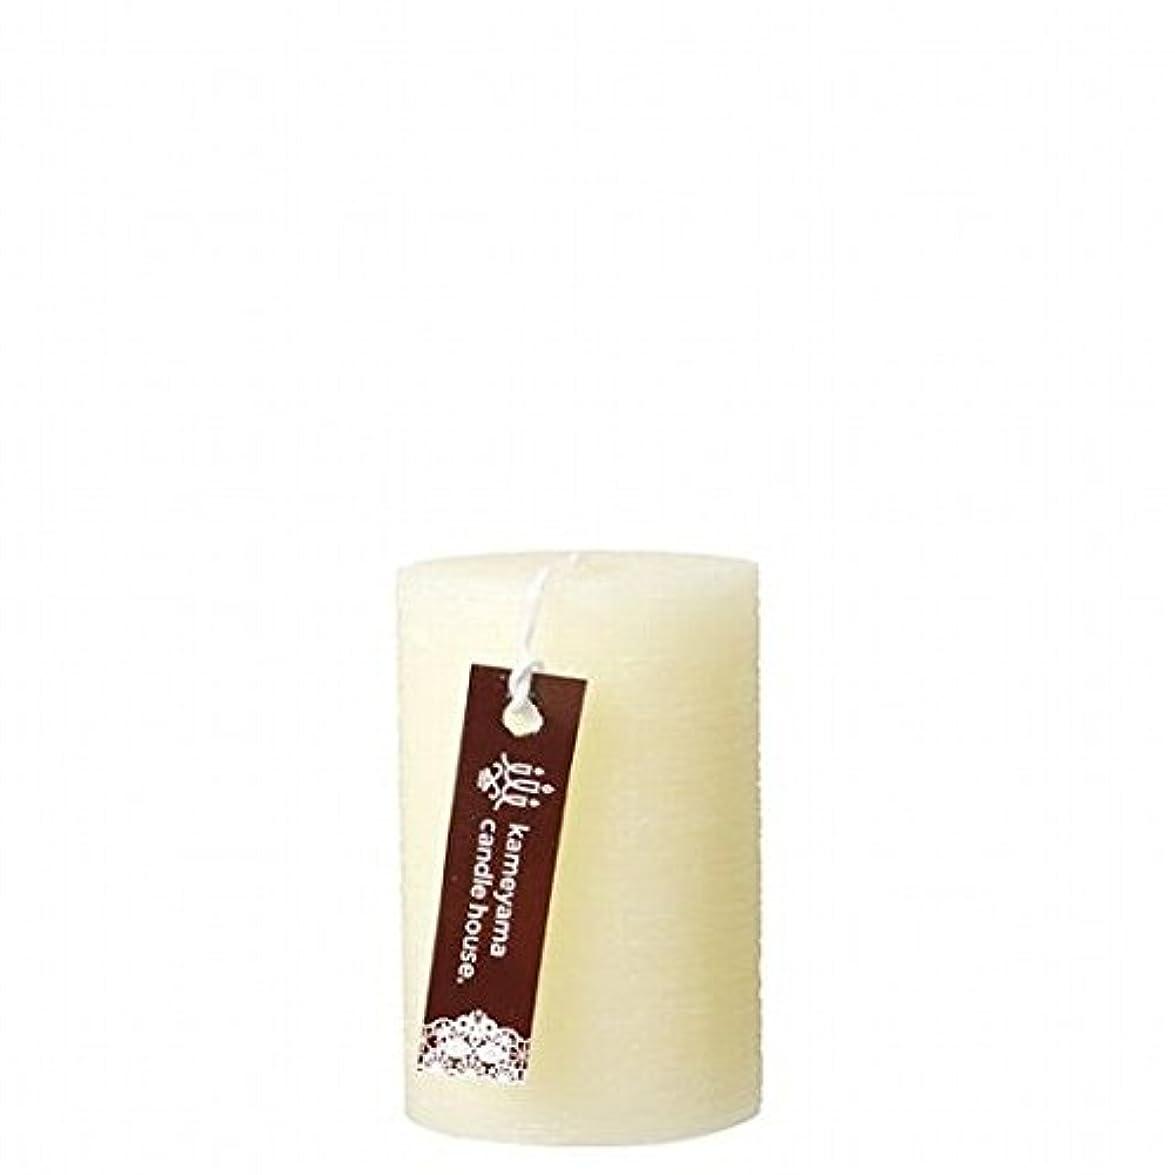 絶滅させる写真撮影ご近所kameyama candle(カメヤマキャンドル) ブラッシュピラー2×3 「 アイボリー 」(A8310000IV)